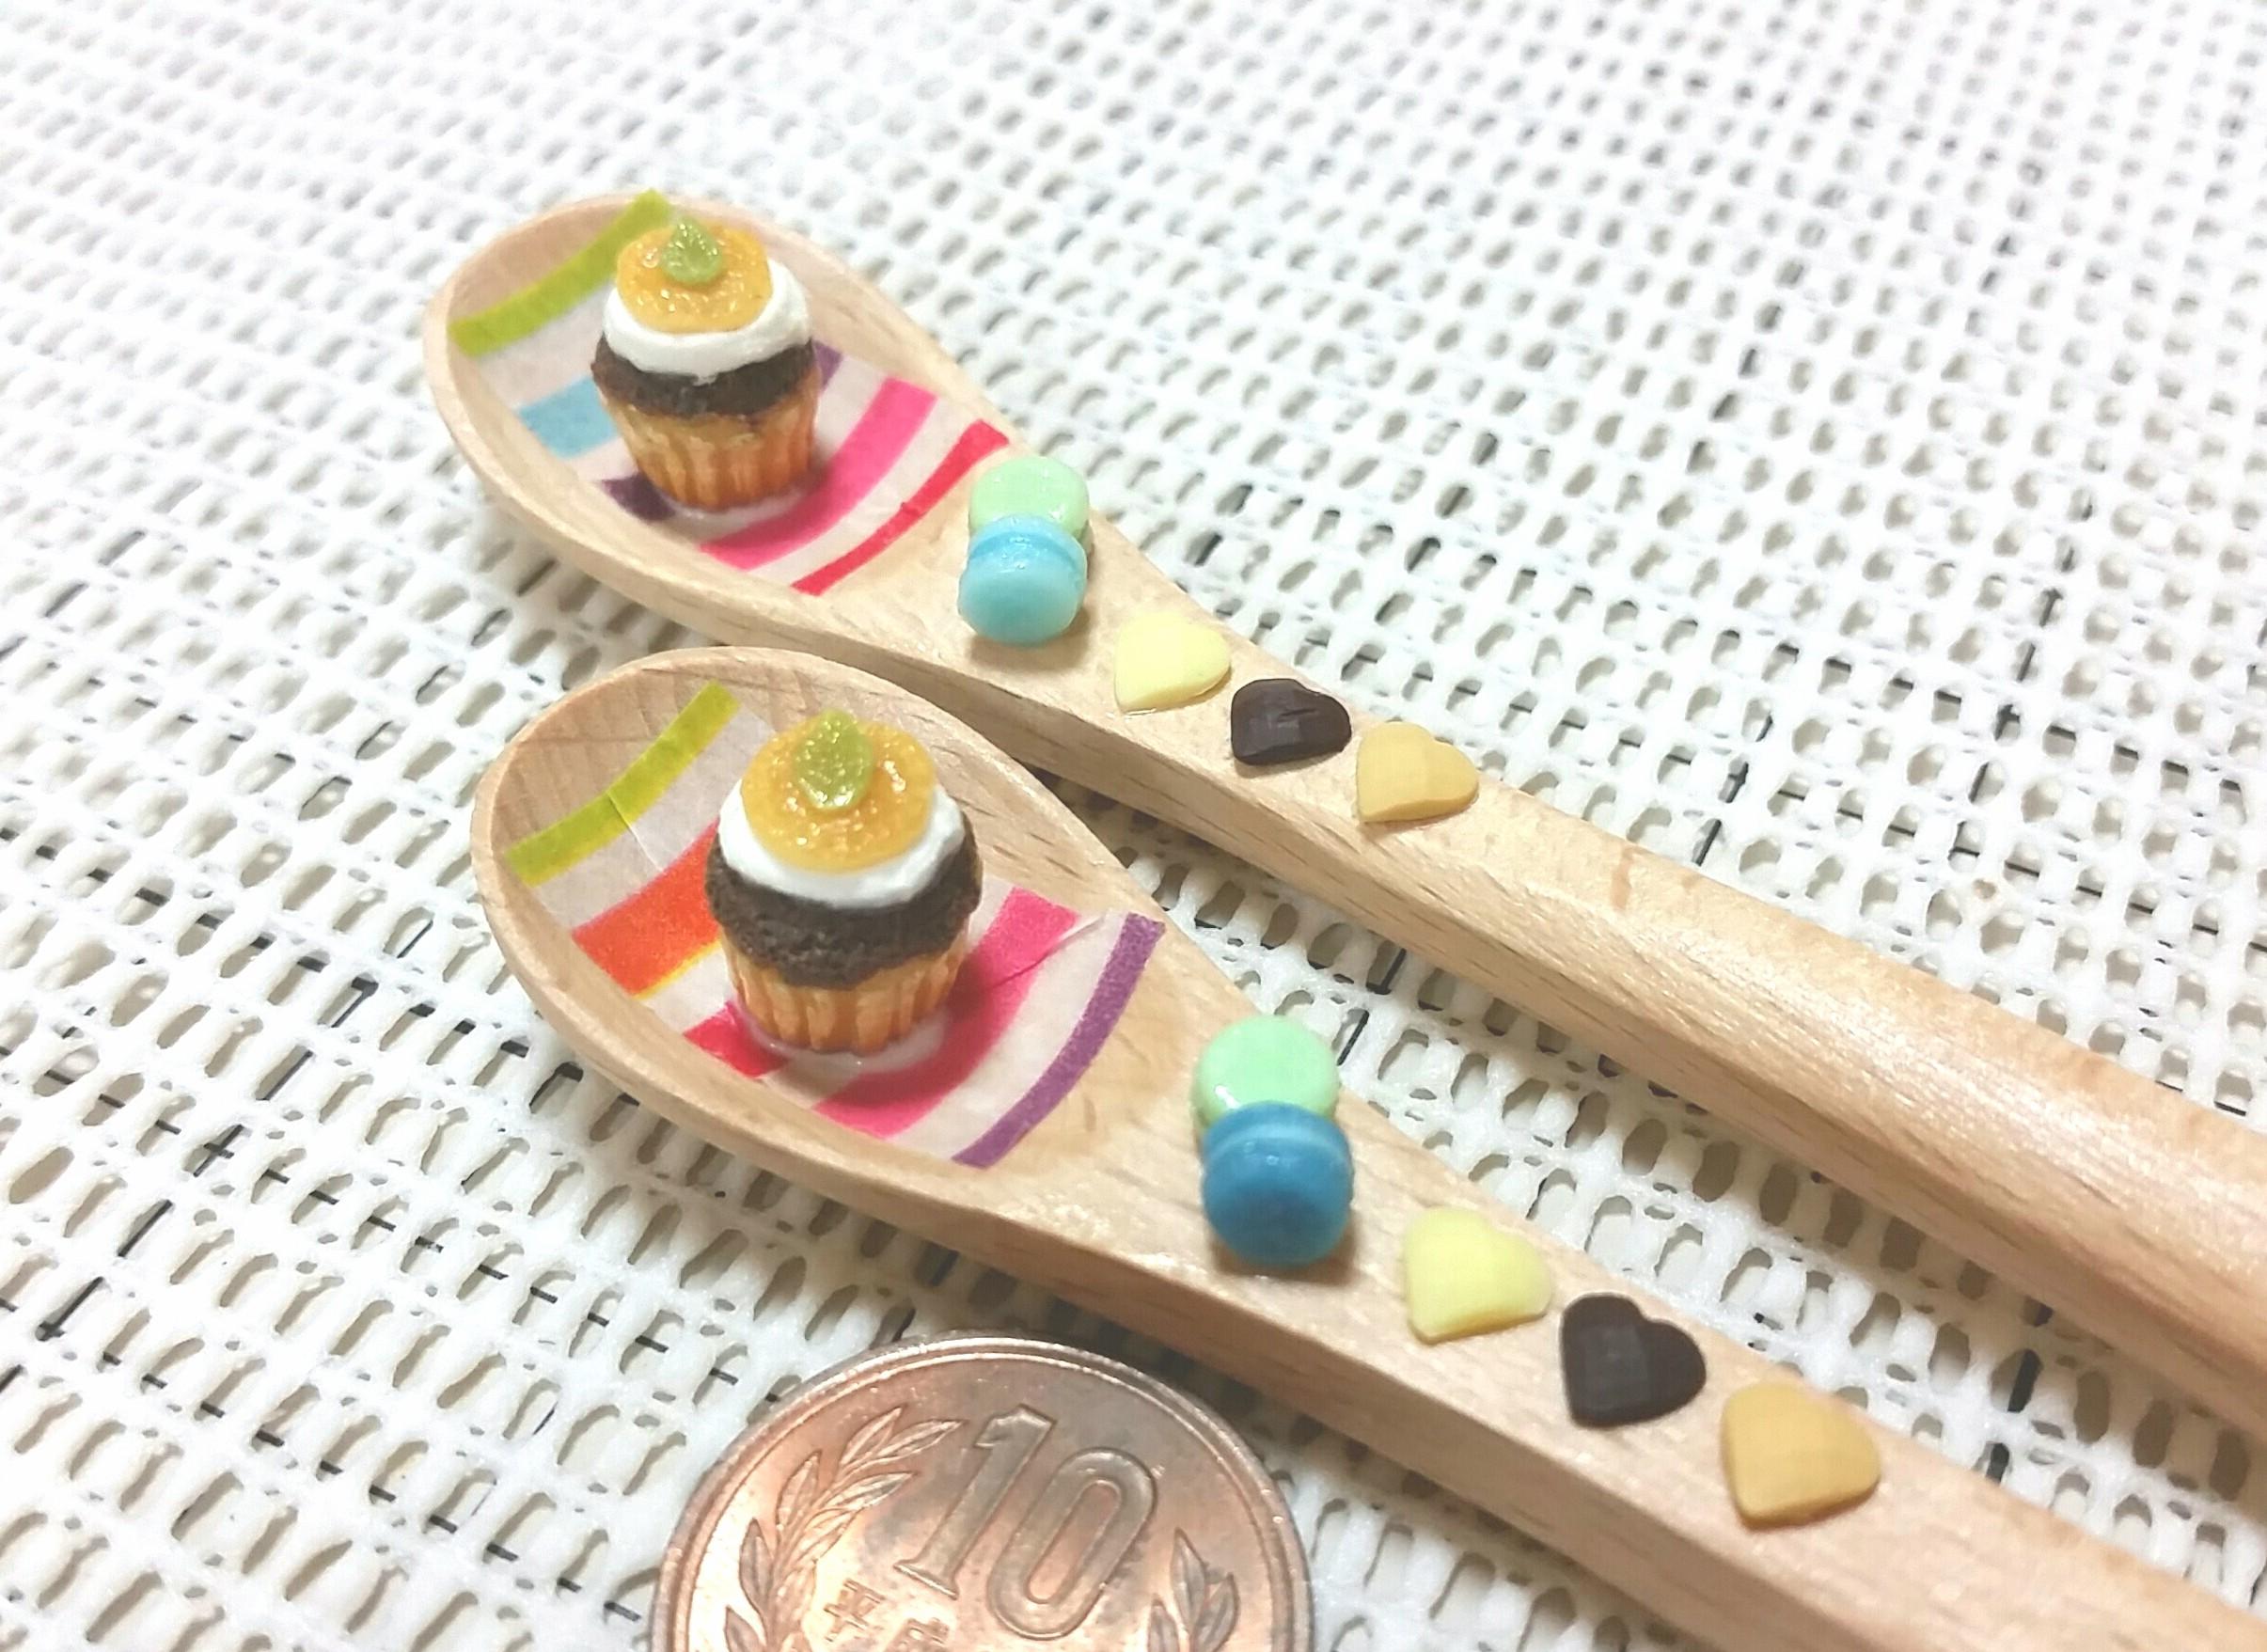 ミニチュア,ハンドメイド雑貨,樹脂粘土,自作,人気作家,かわいい玩具